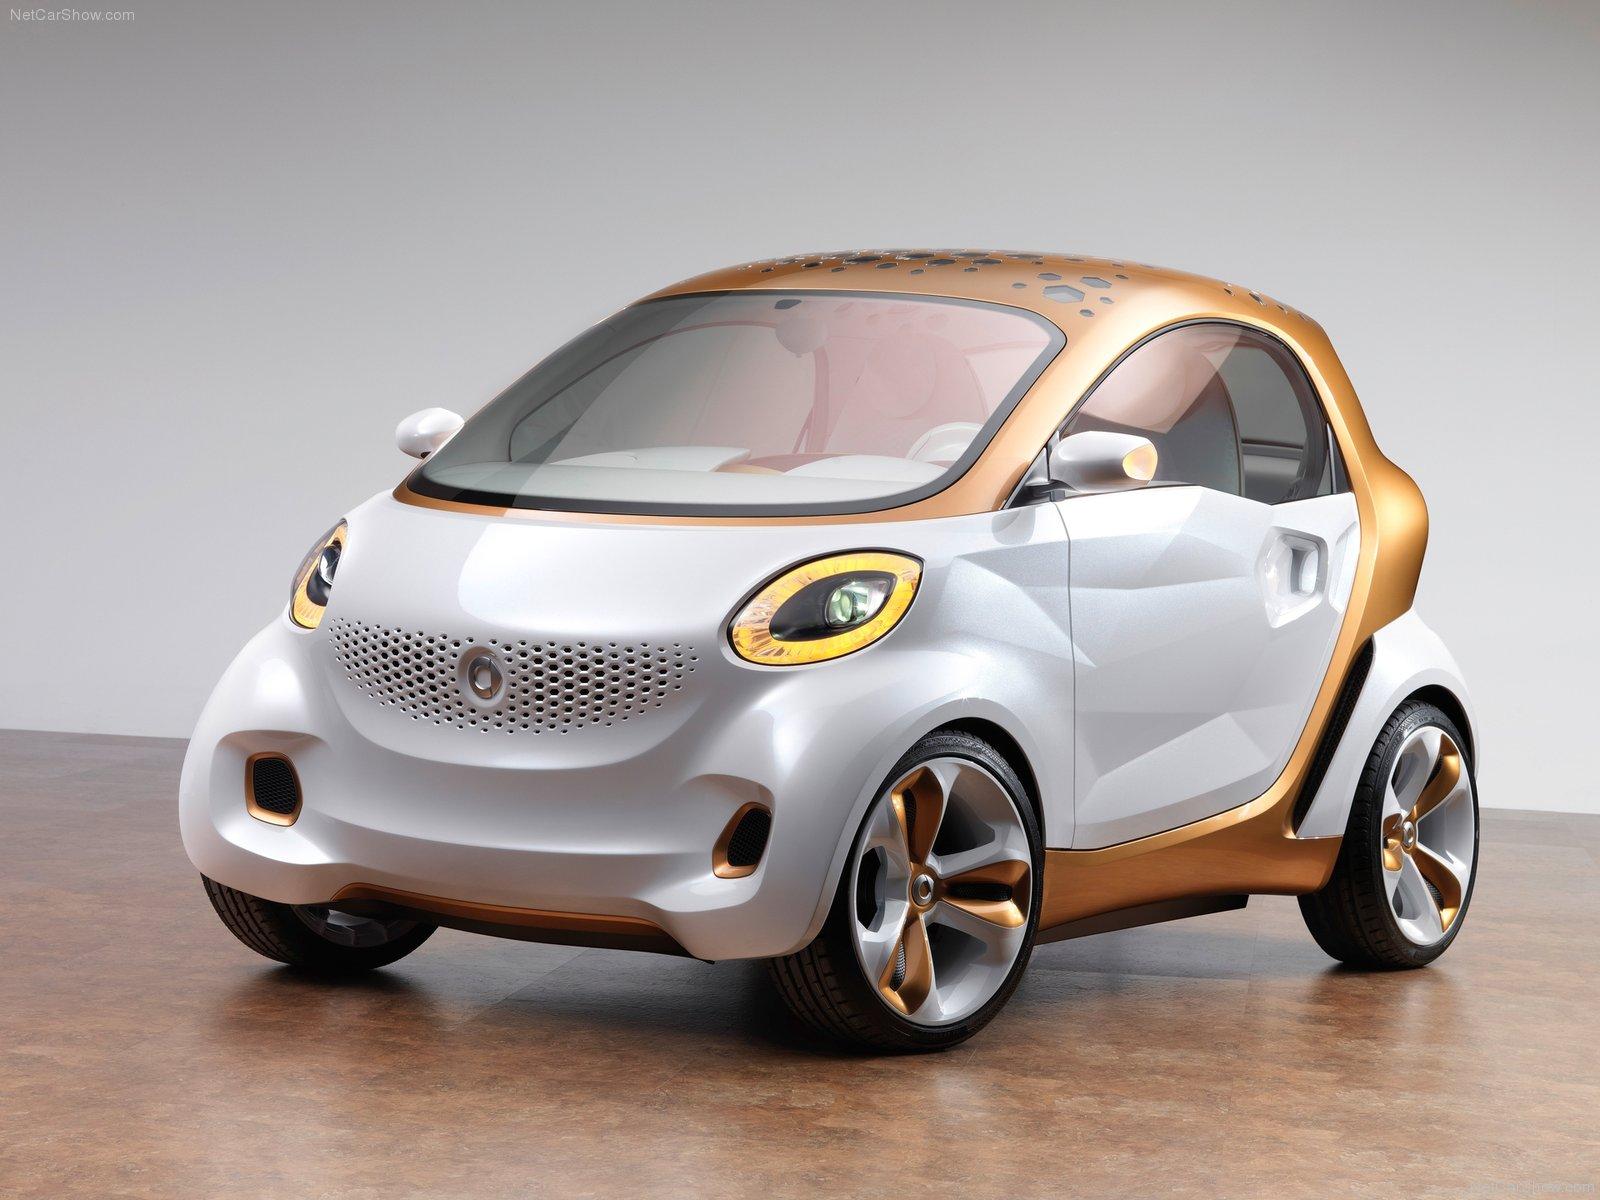 Hình ảnh xe ô tô Smart forvision Concept 2011 & nội ngoại thất